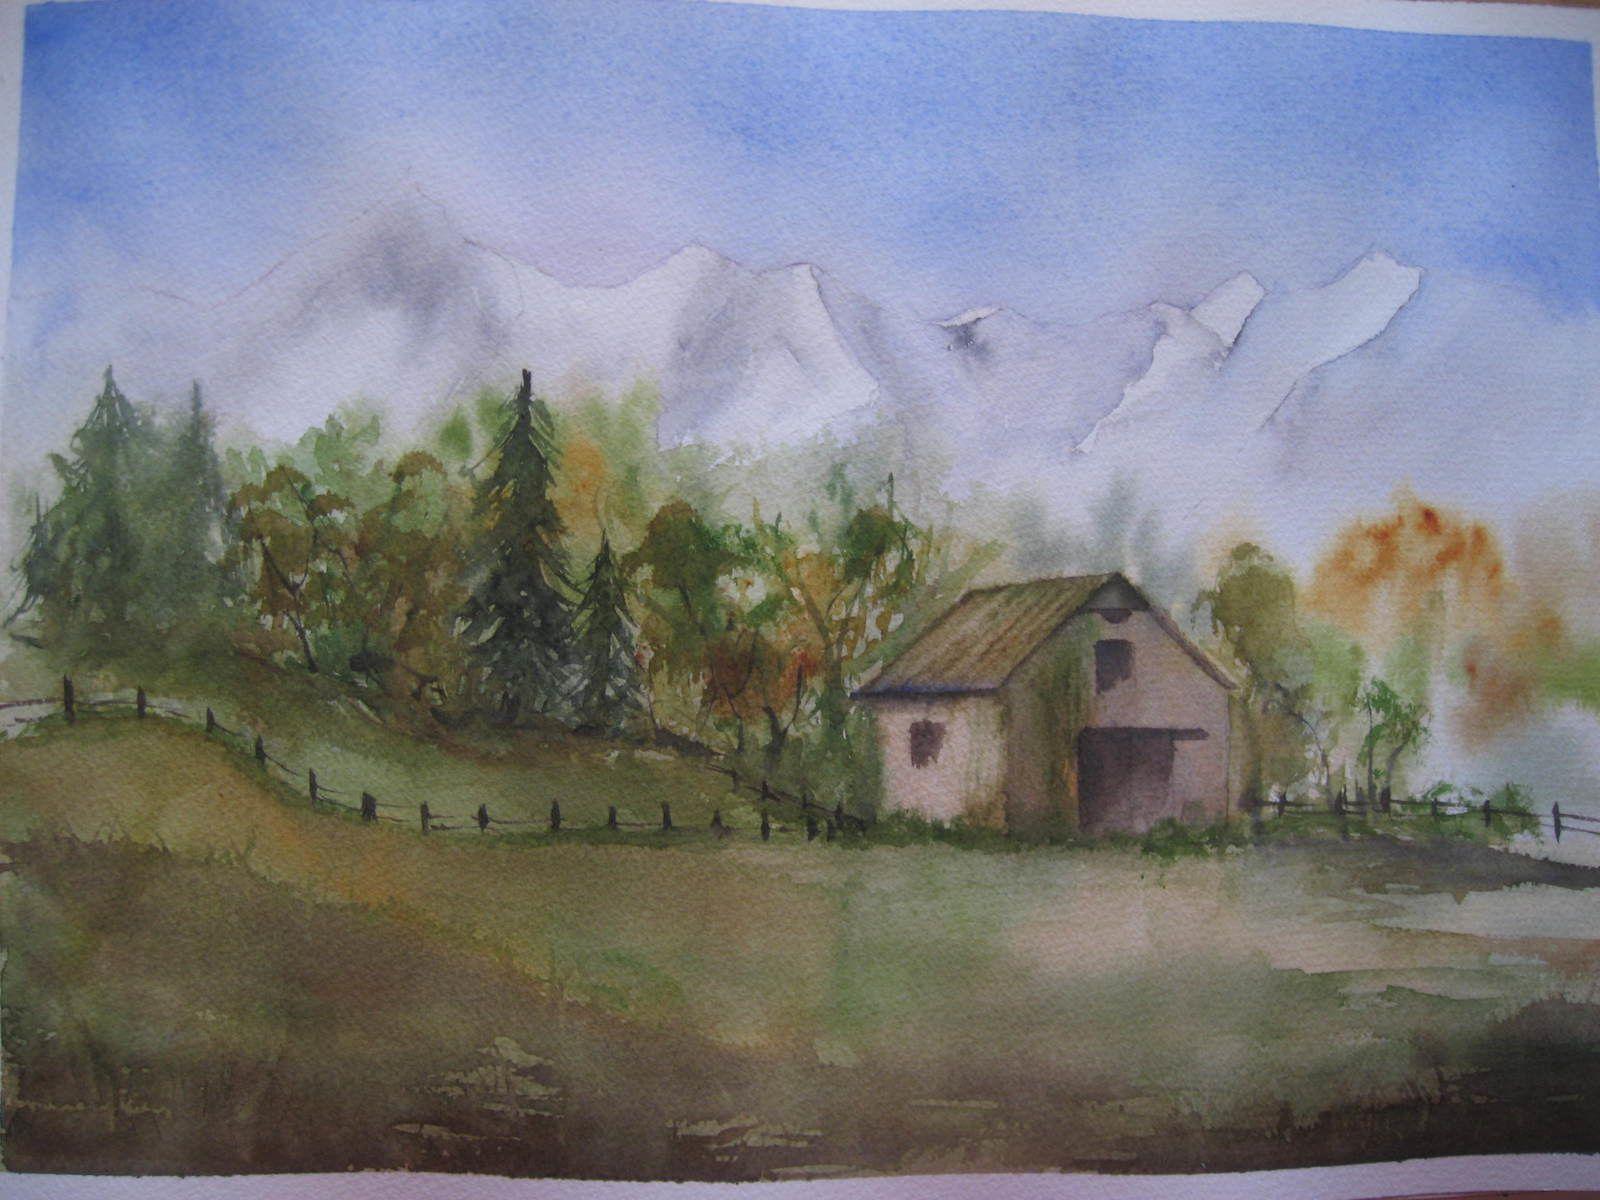 une des aquarelles réalisées lors de ce stage, sujet que j'ai traité suite à un croquis pris sur le motif